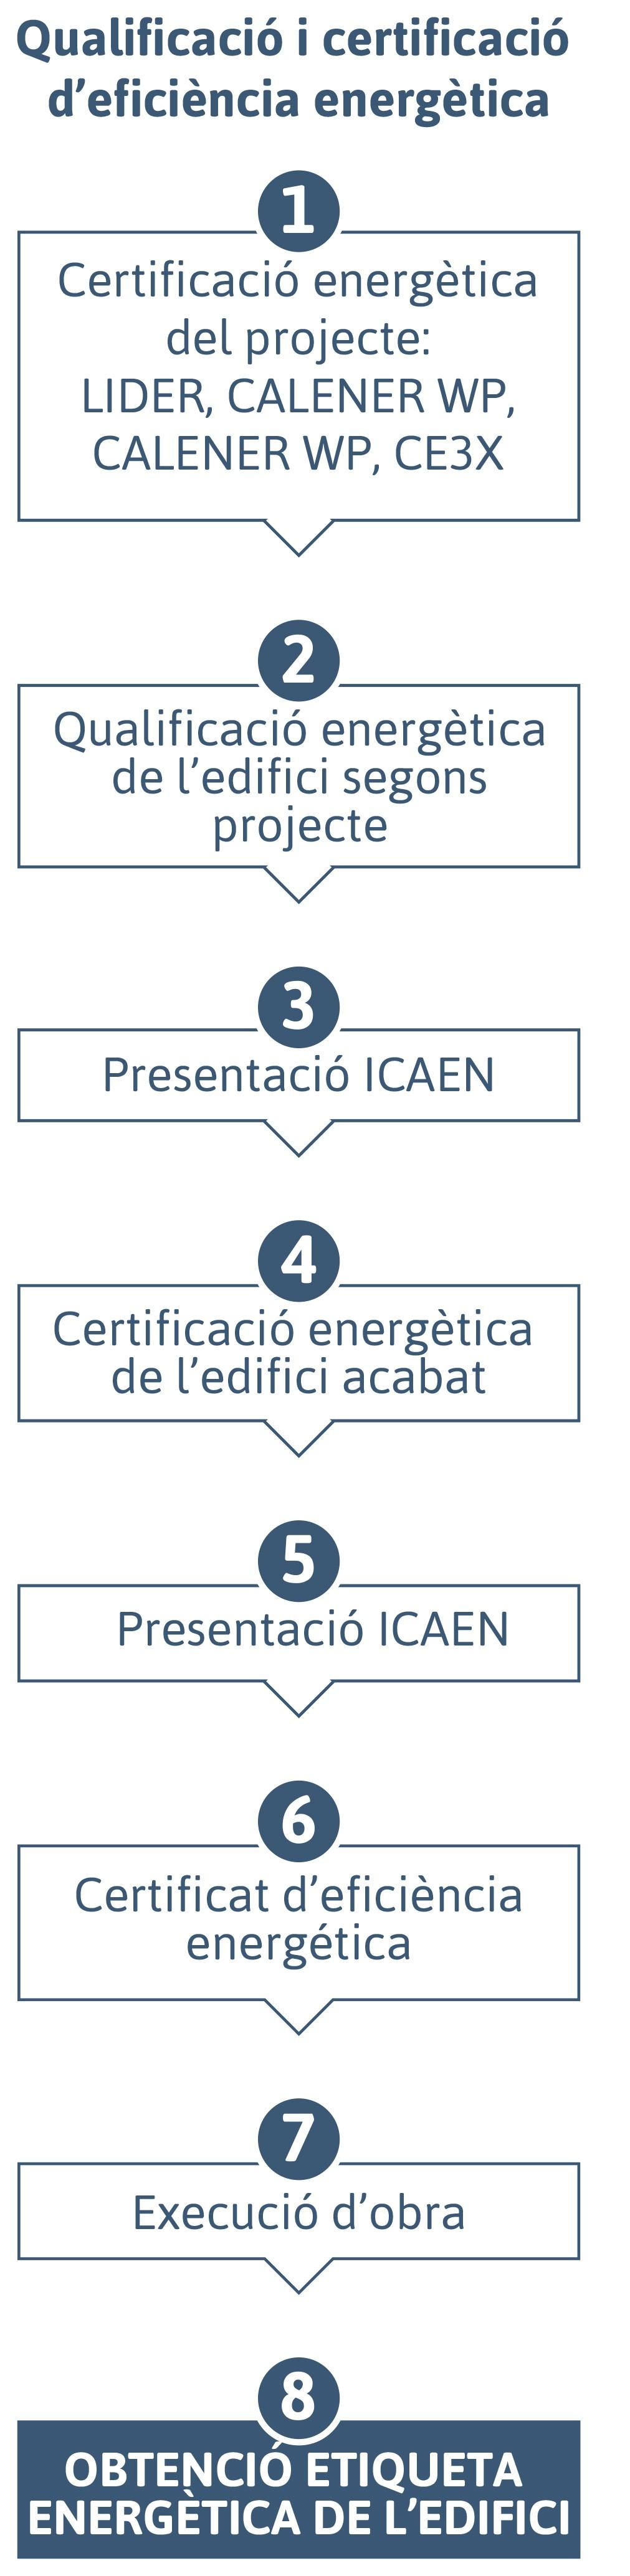 Certificats energètics